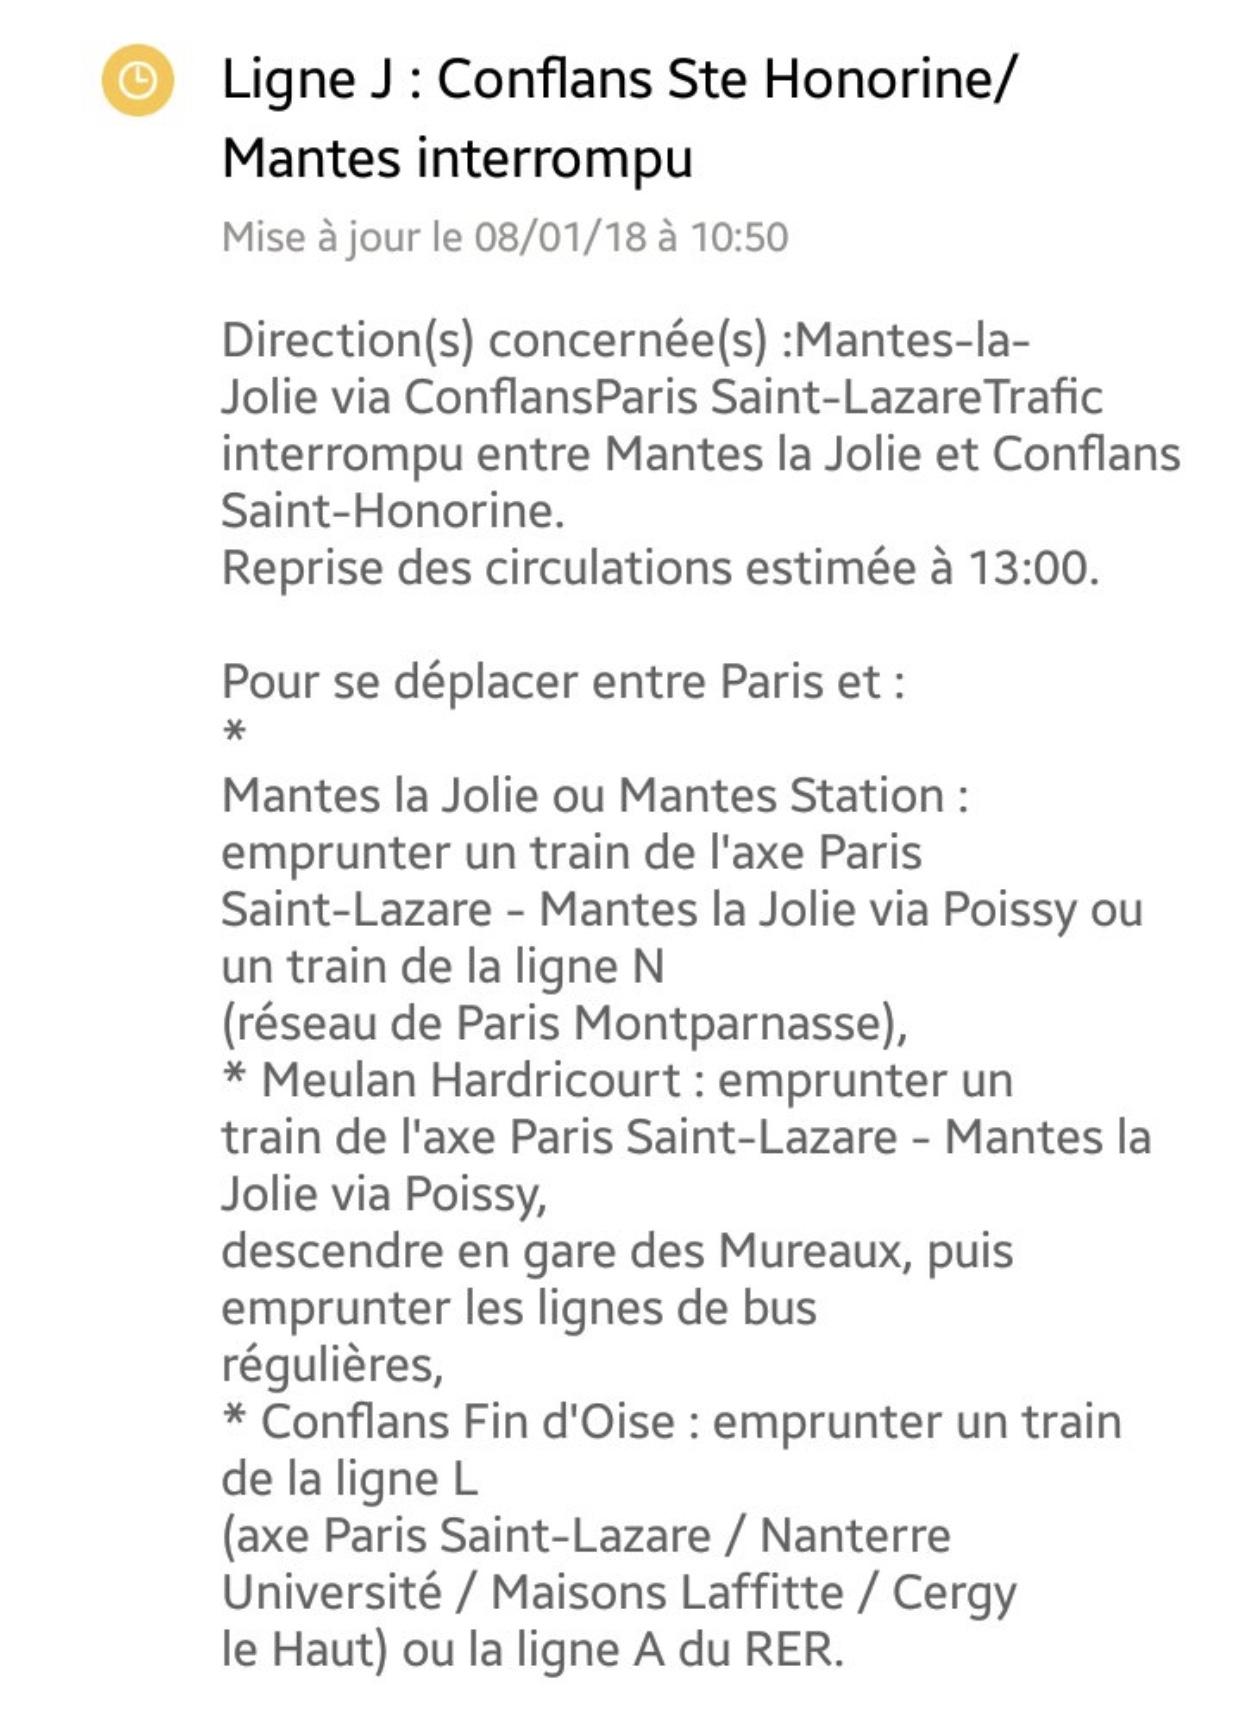 Accident de voyageur à Triel-sur-Seine : les trains arrêtés entre Conflans et Mantes